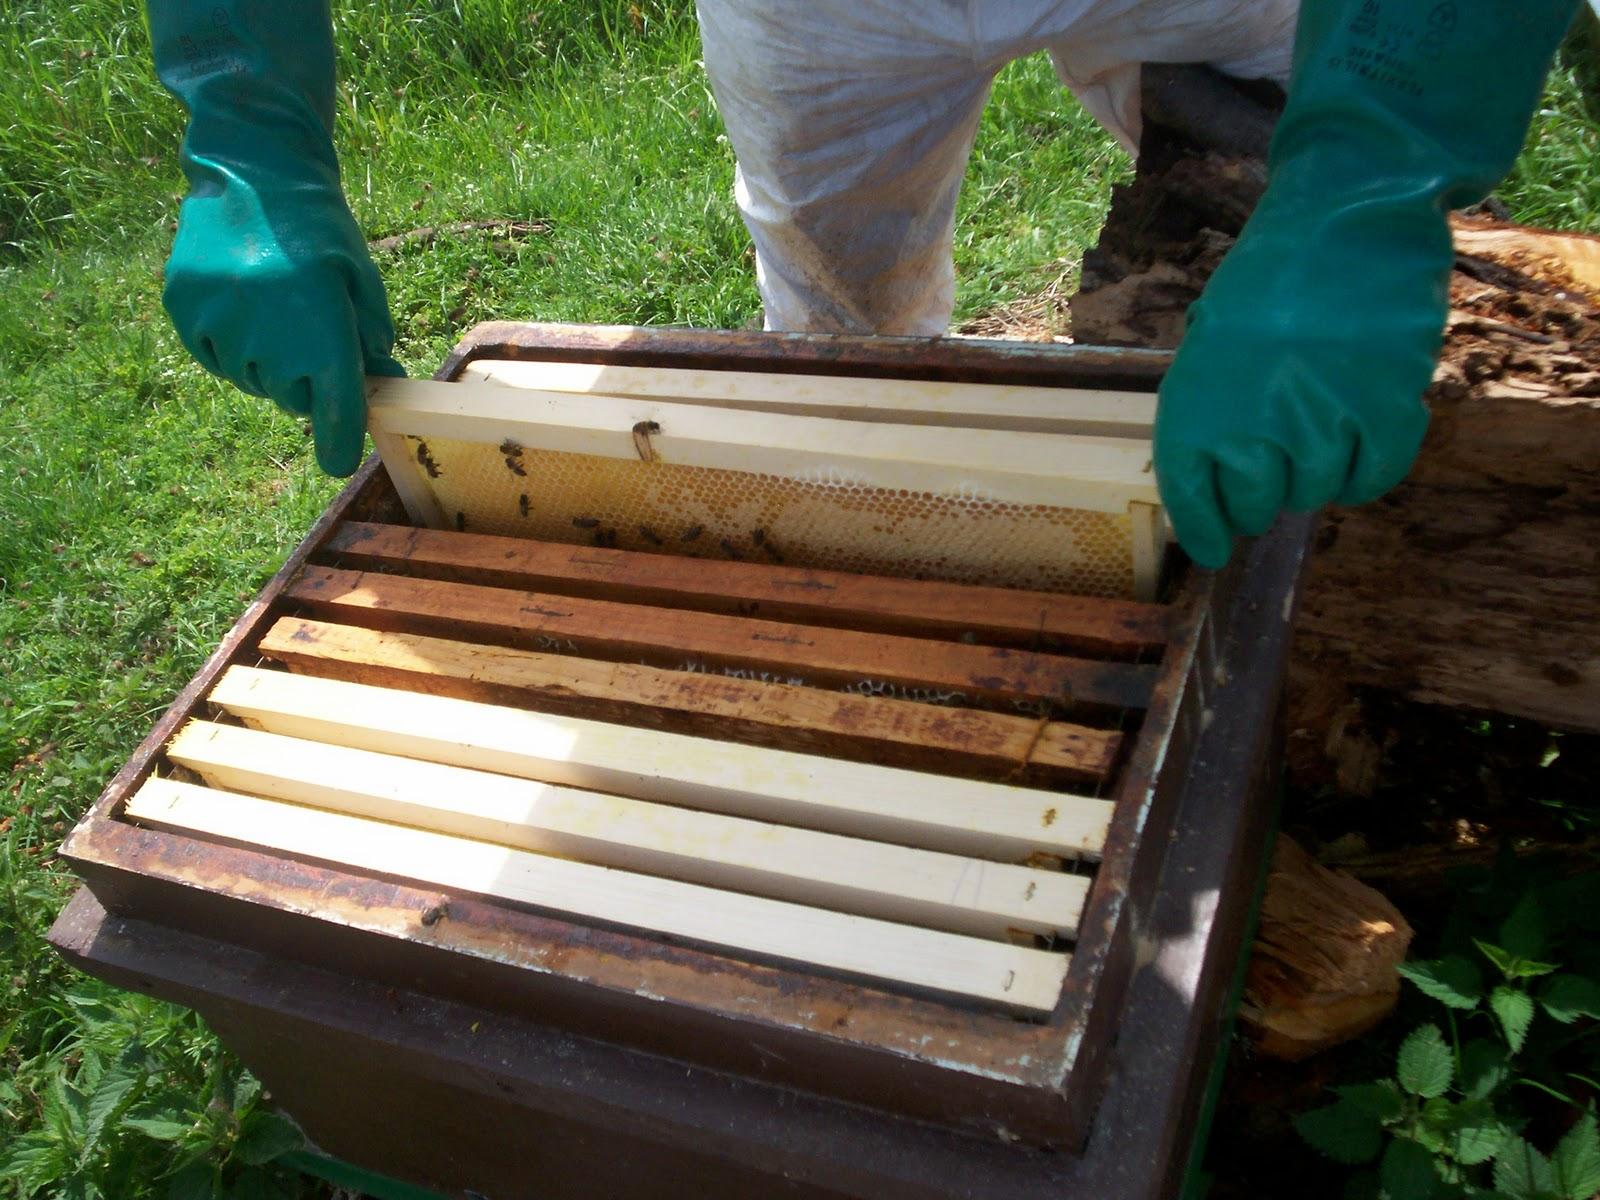 Блог пчеловода для любителей мёда. Пчеловодство для начинающих и не только!: Об изъятии мёда